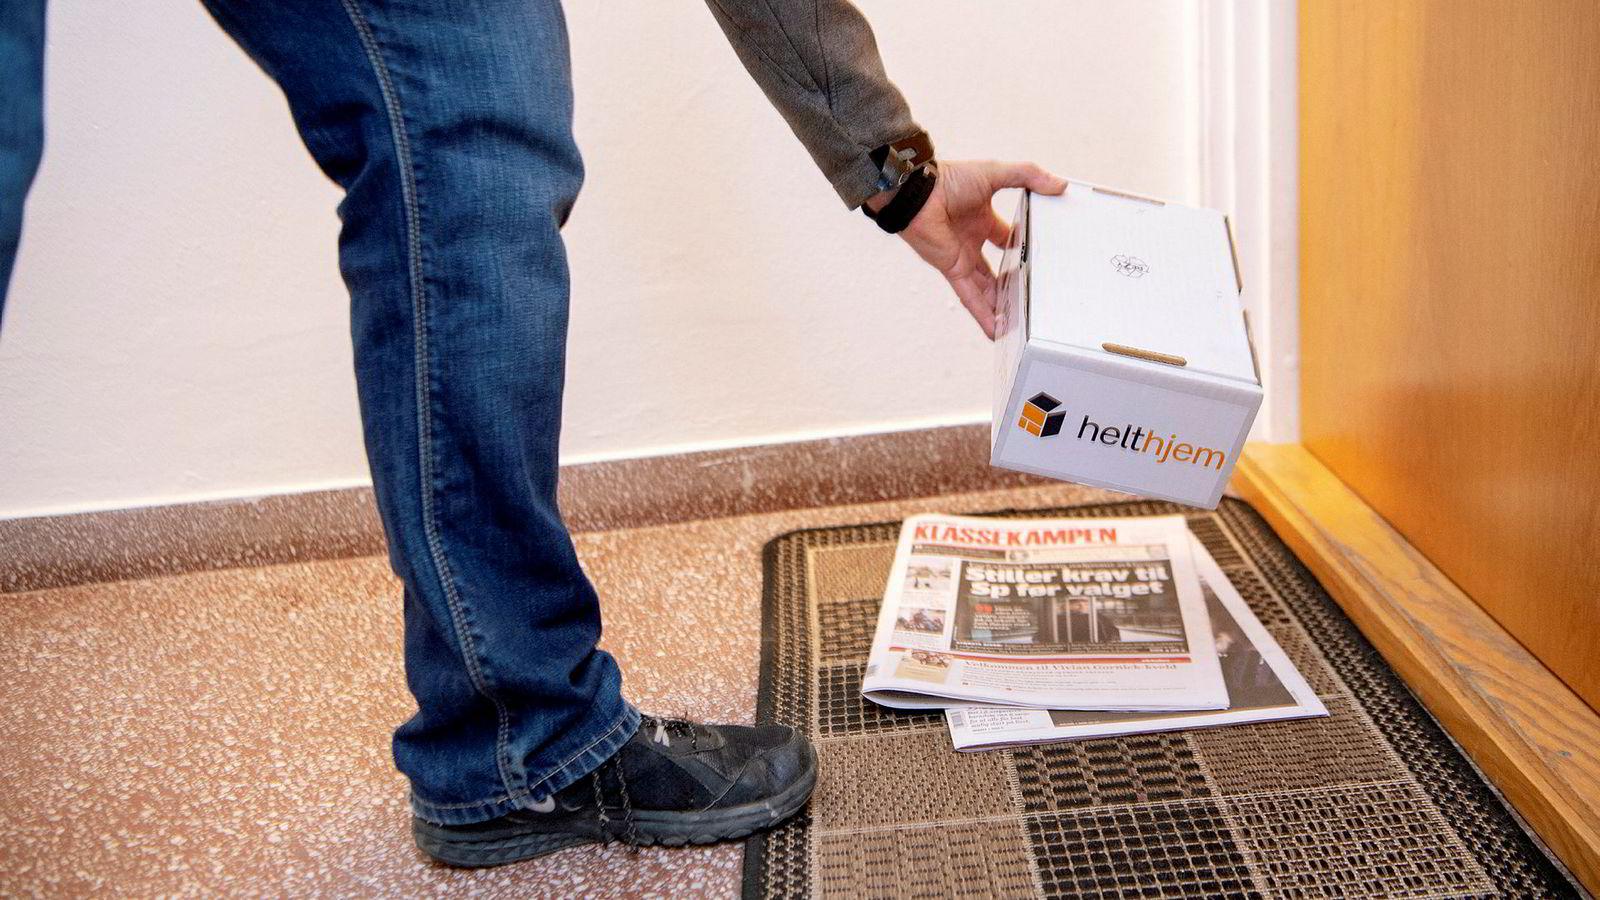 Distributør Freddy Karlsen leverer pakke helt hjem til kjøperen. Selskapet Helthjem kan hente pakker fra nettbutikkenes lagre før klokken 21 om kvelden og levere dem klokken 07.00 neste morgen i Sør-Norge.